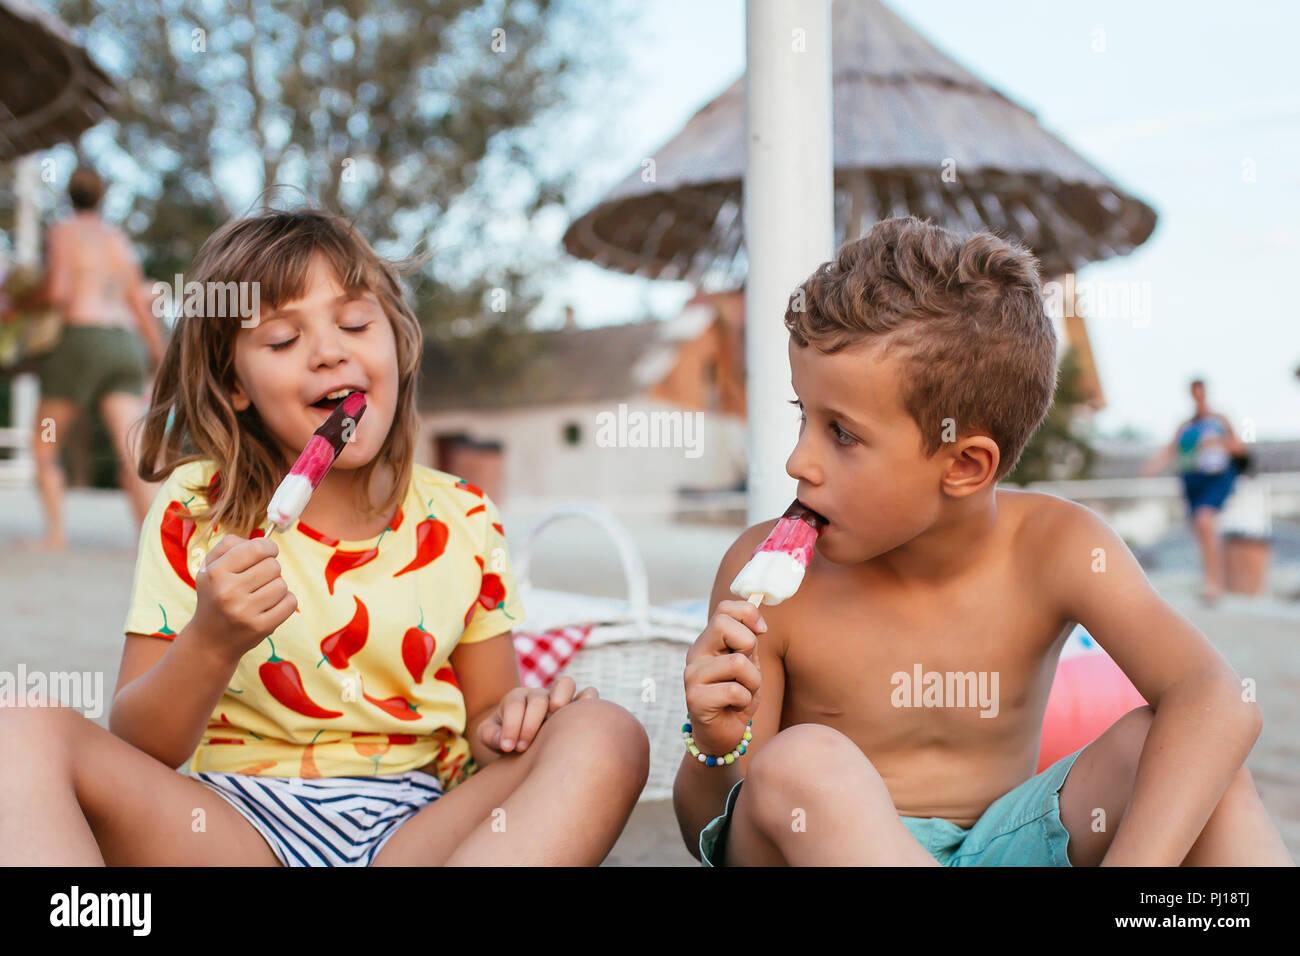 Heureux les enfants positifs assis sur la plage de sable et de manger de la crème glacée. Les gens, les enfants, les amis et l'amitié concept Banque D'Images